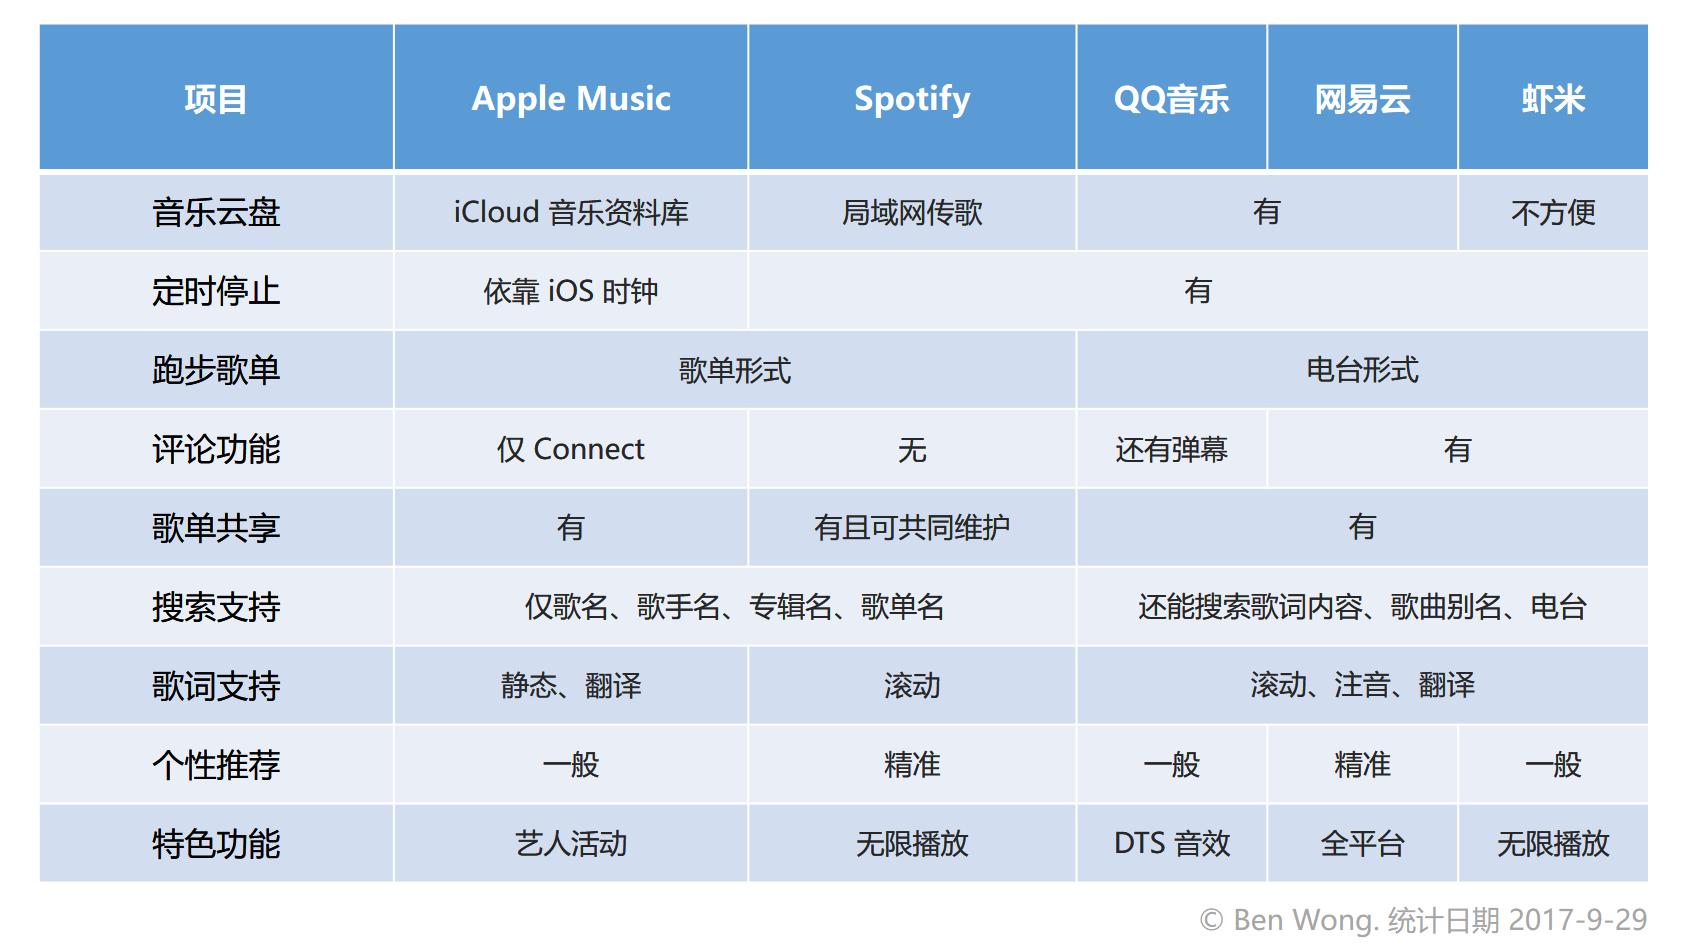 五大平台应用功能比较(制表:Ben Wong)